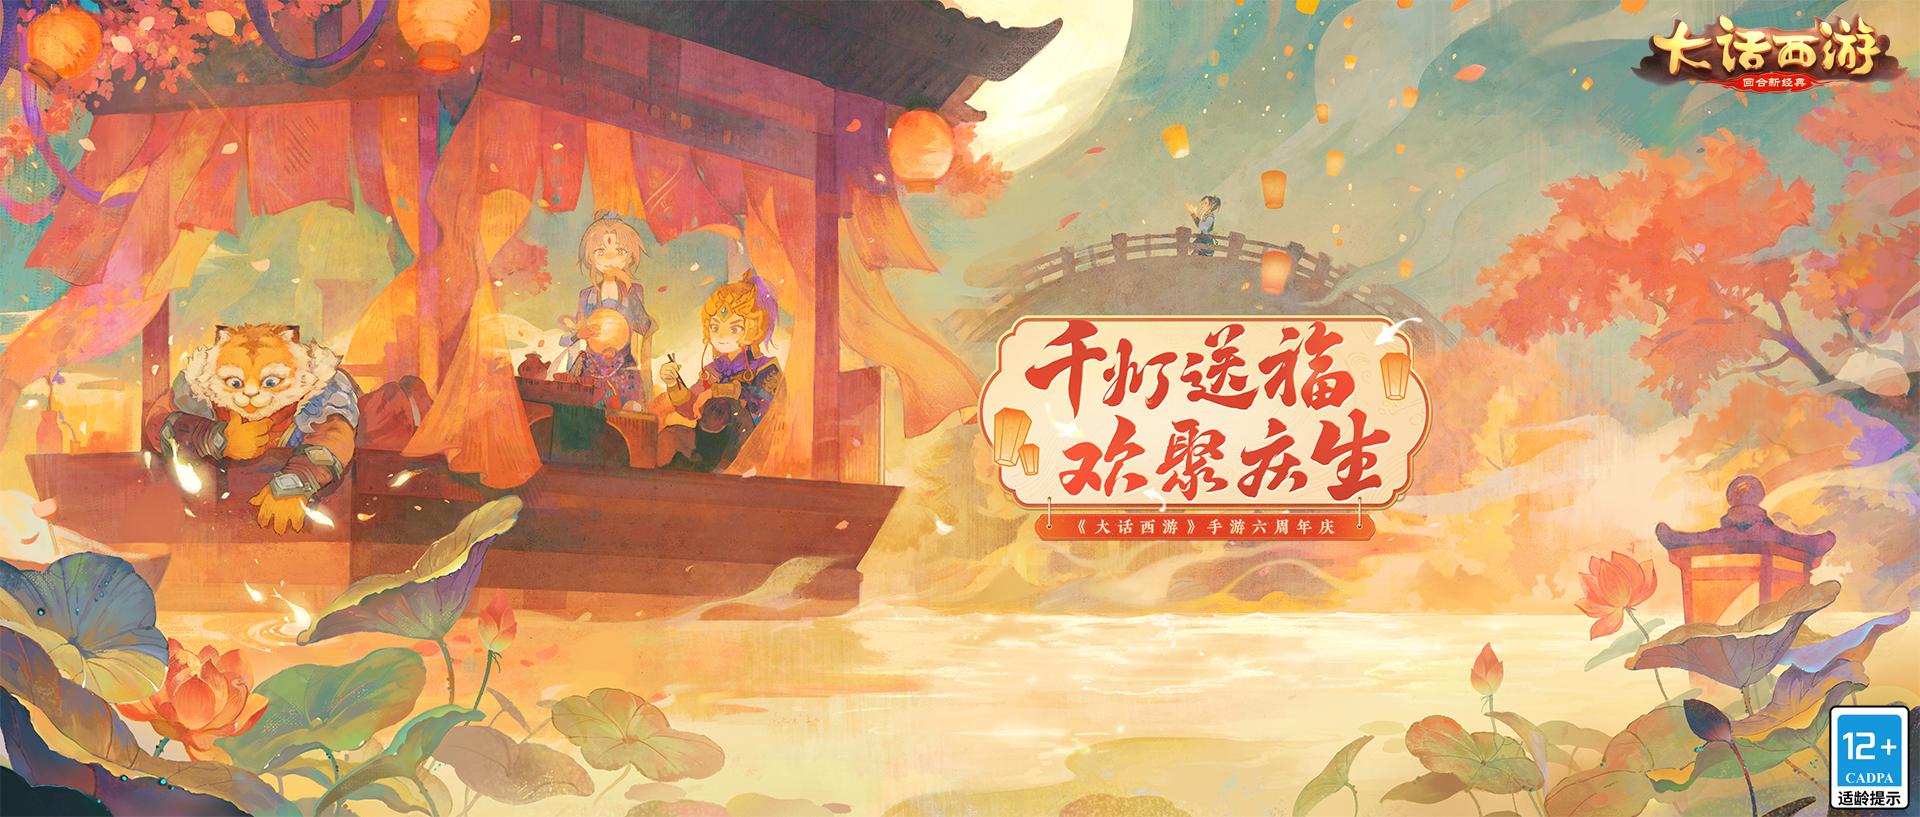 百克黄金仙器亮相!大话手游六周年庆活动正式开启!